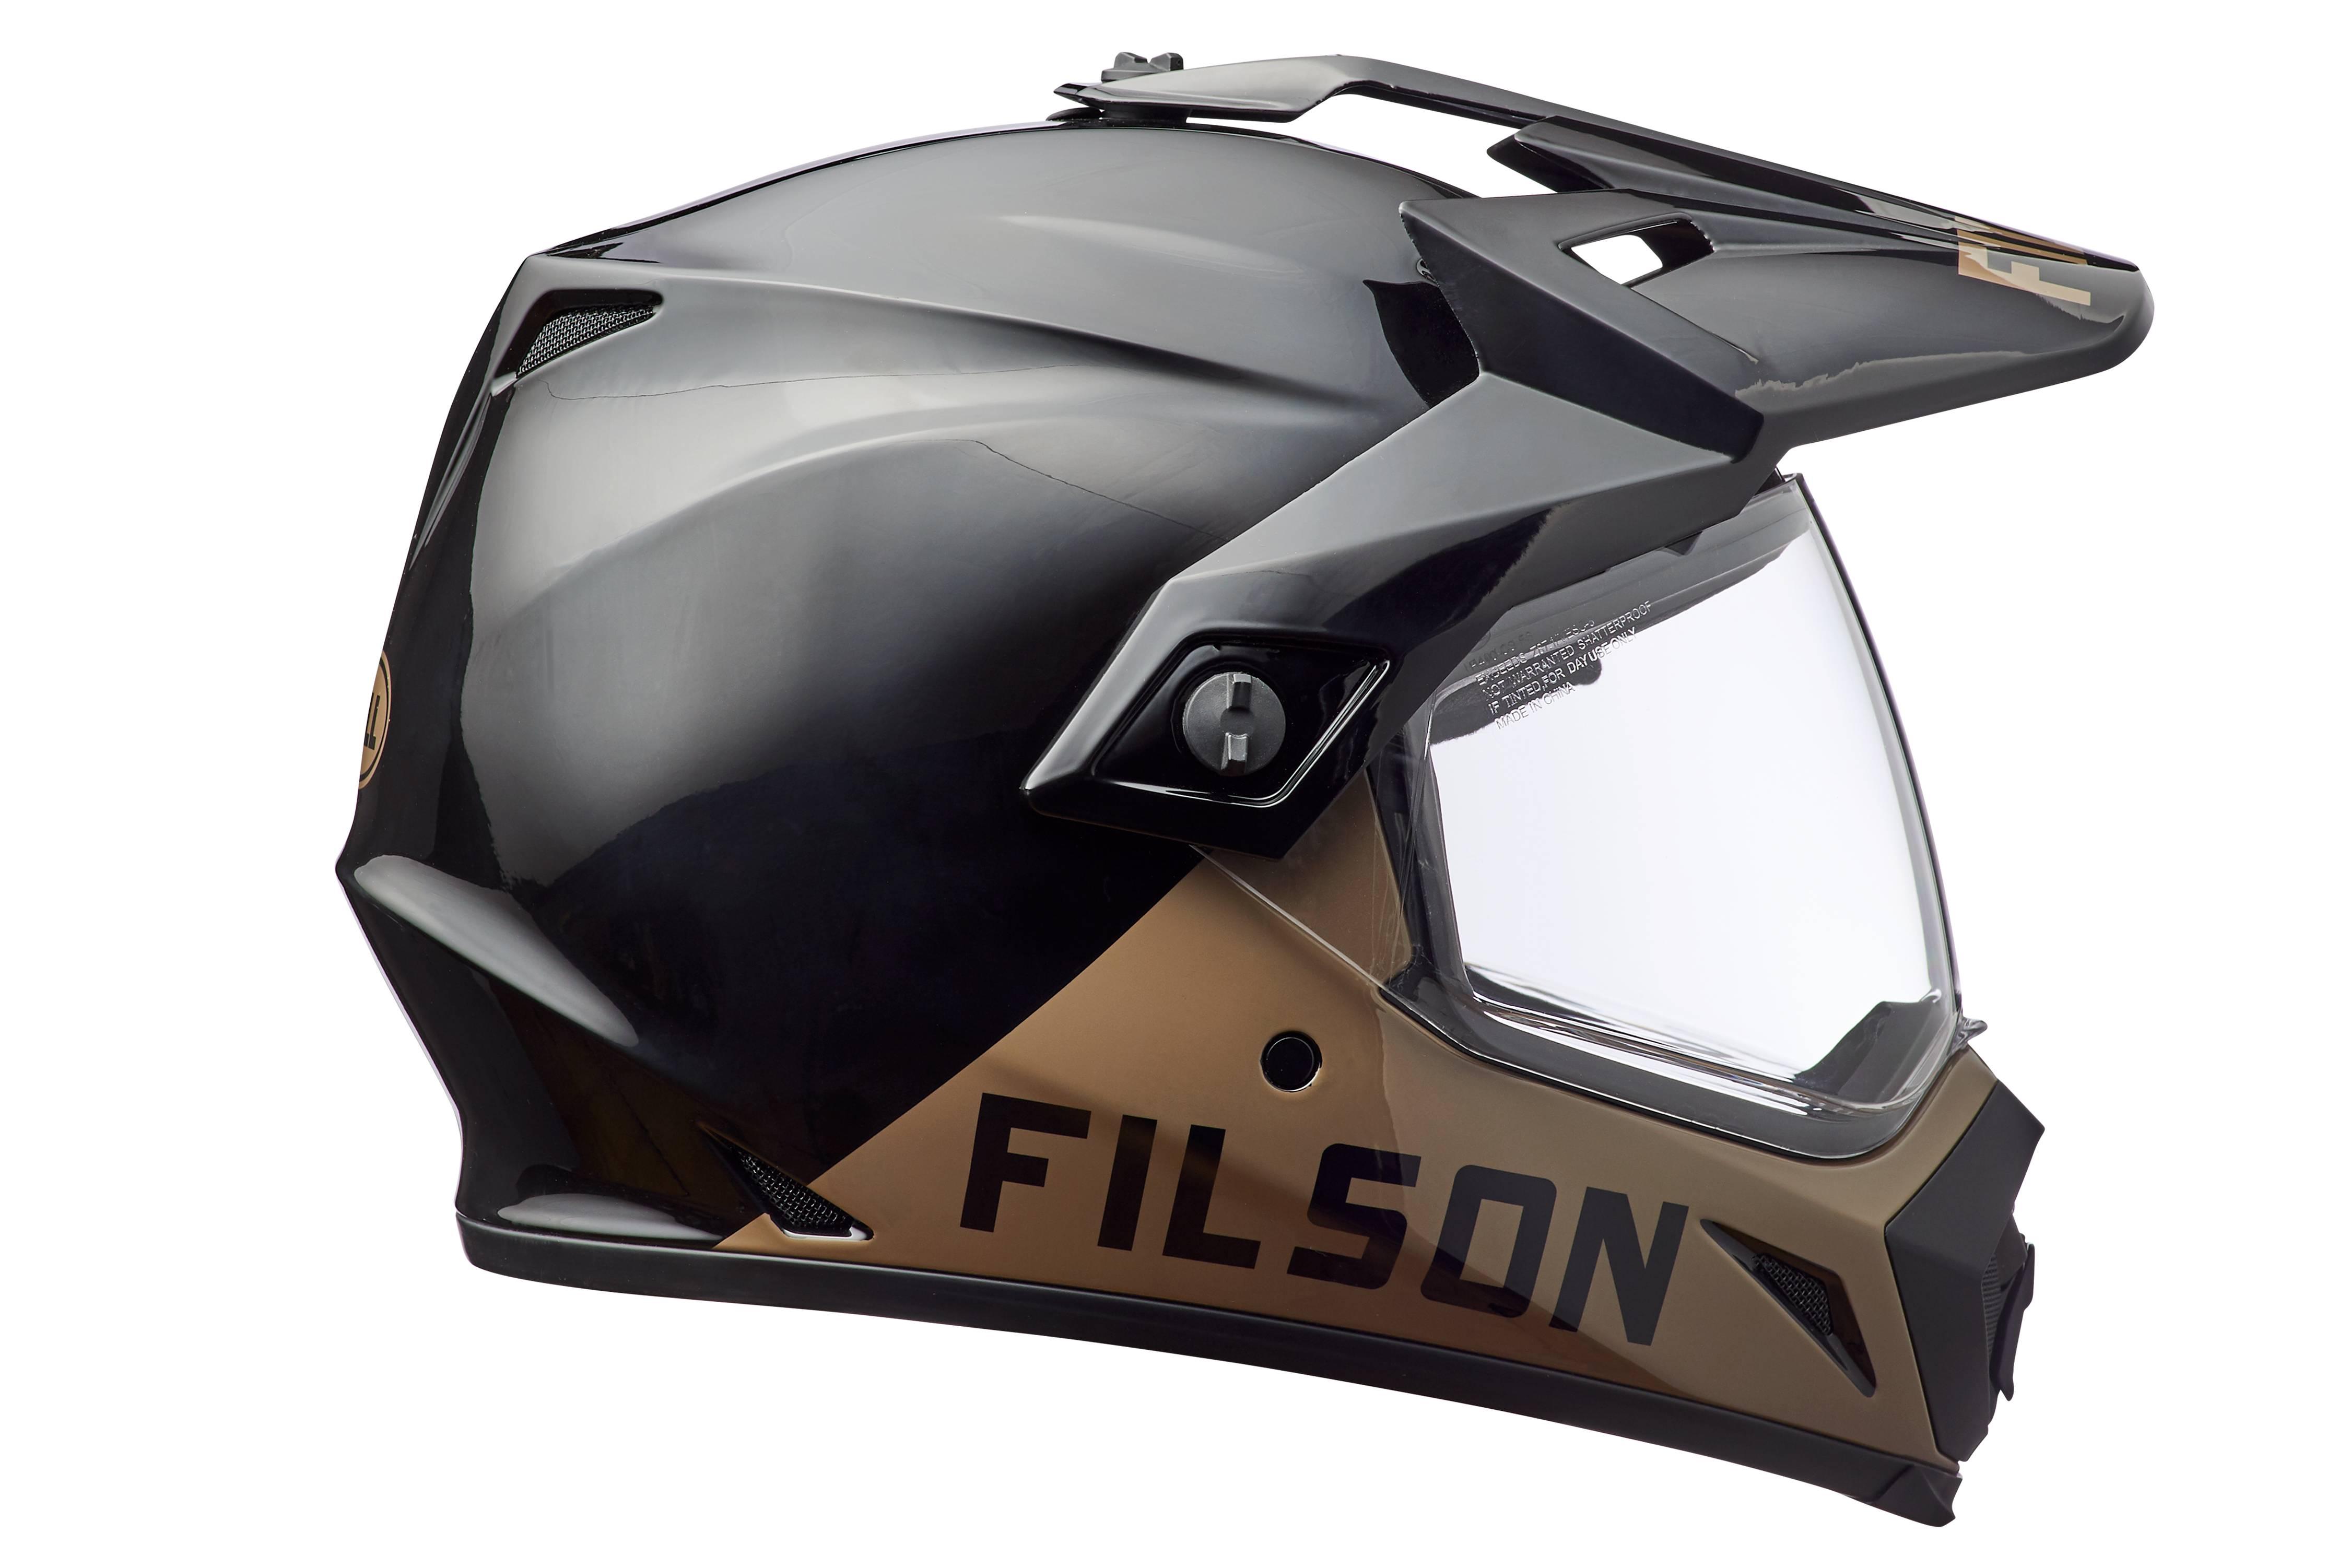 Filson Alcan motorcycle helmet